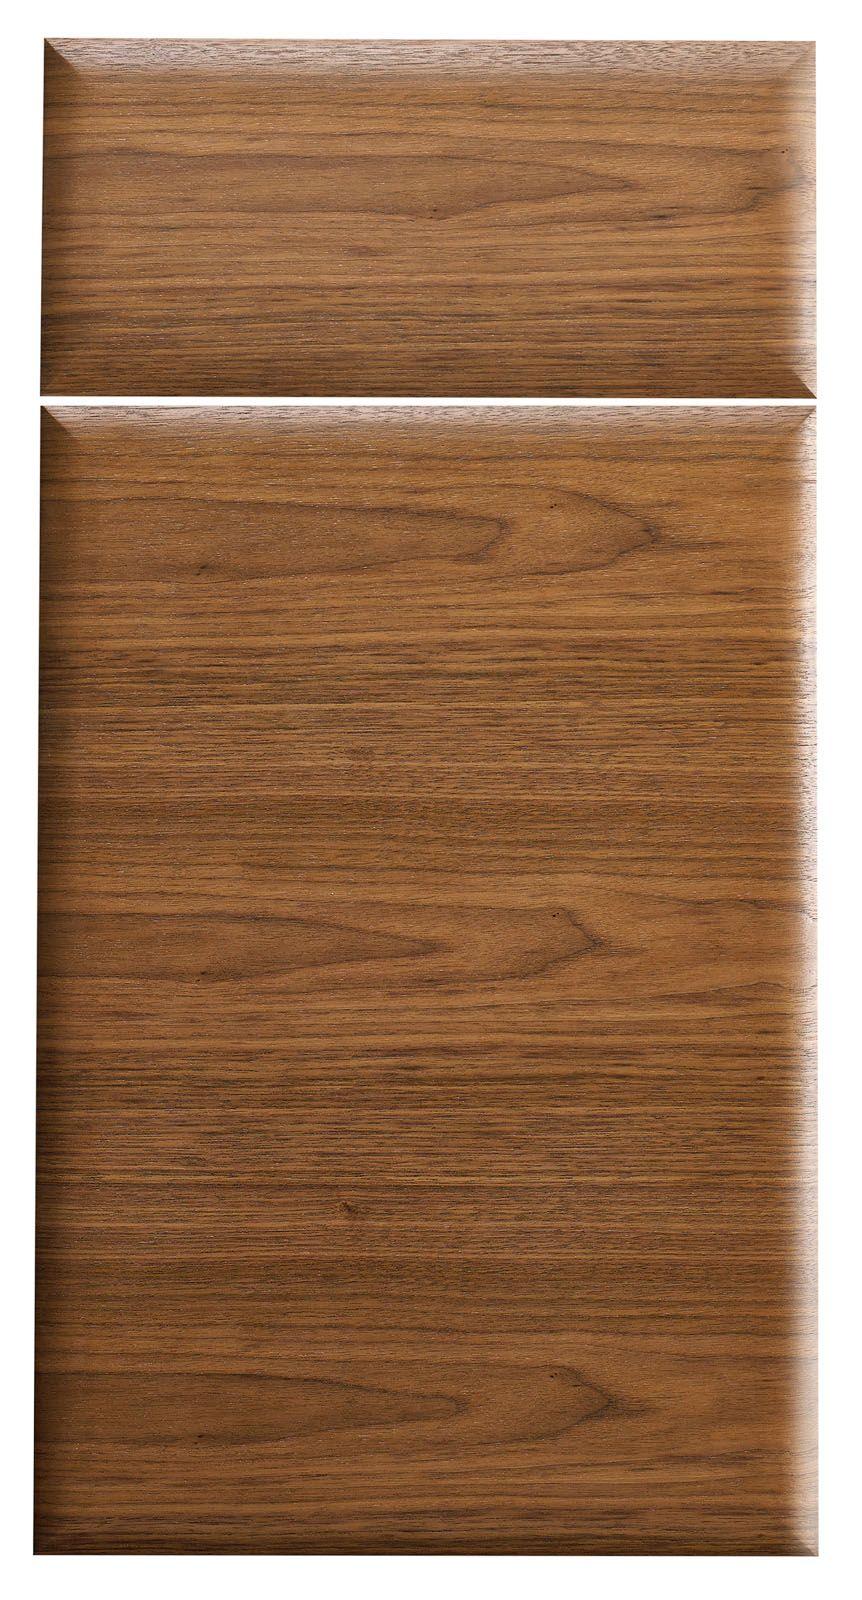 Plain Sliced Black Walnut Wood Veneer on our Fusion profile | cabinet doors #walnutcabinets # & Plain Sliced Black Walnut Wood Veneer on our Fusion profile ...